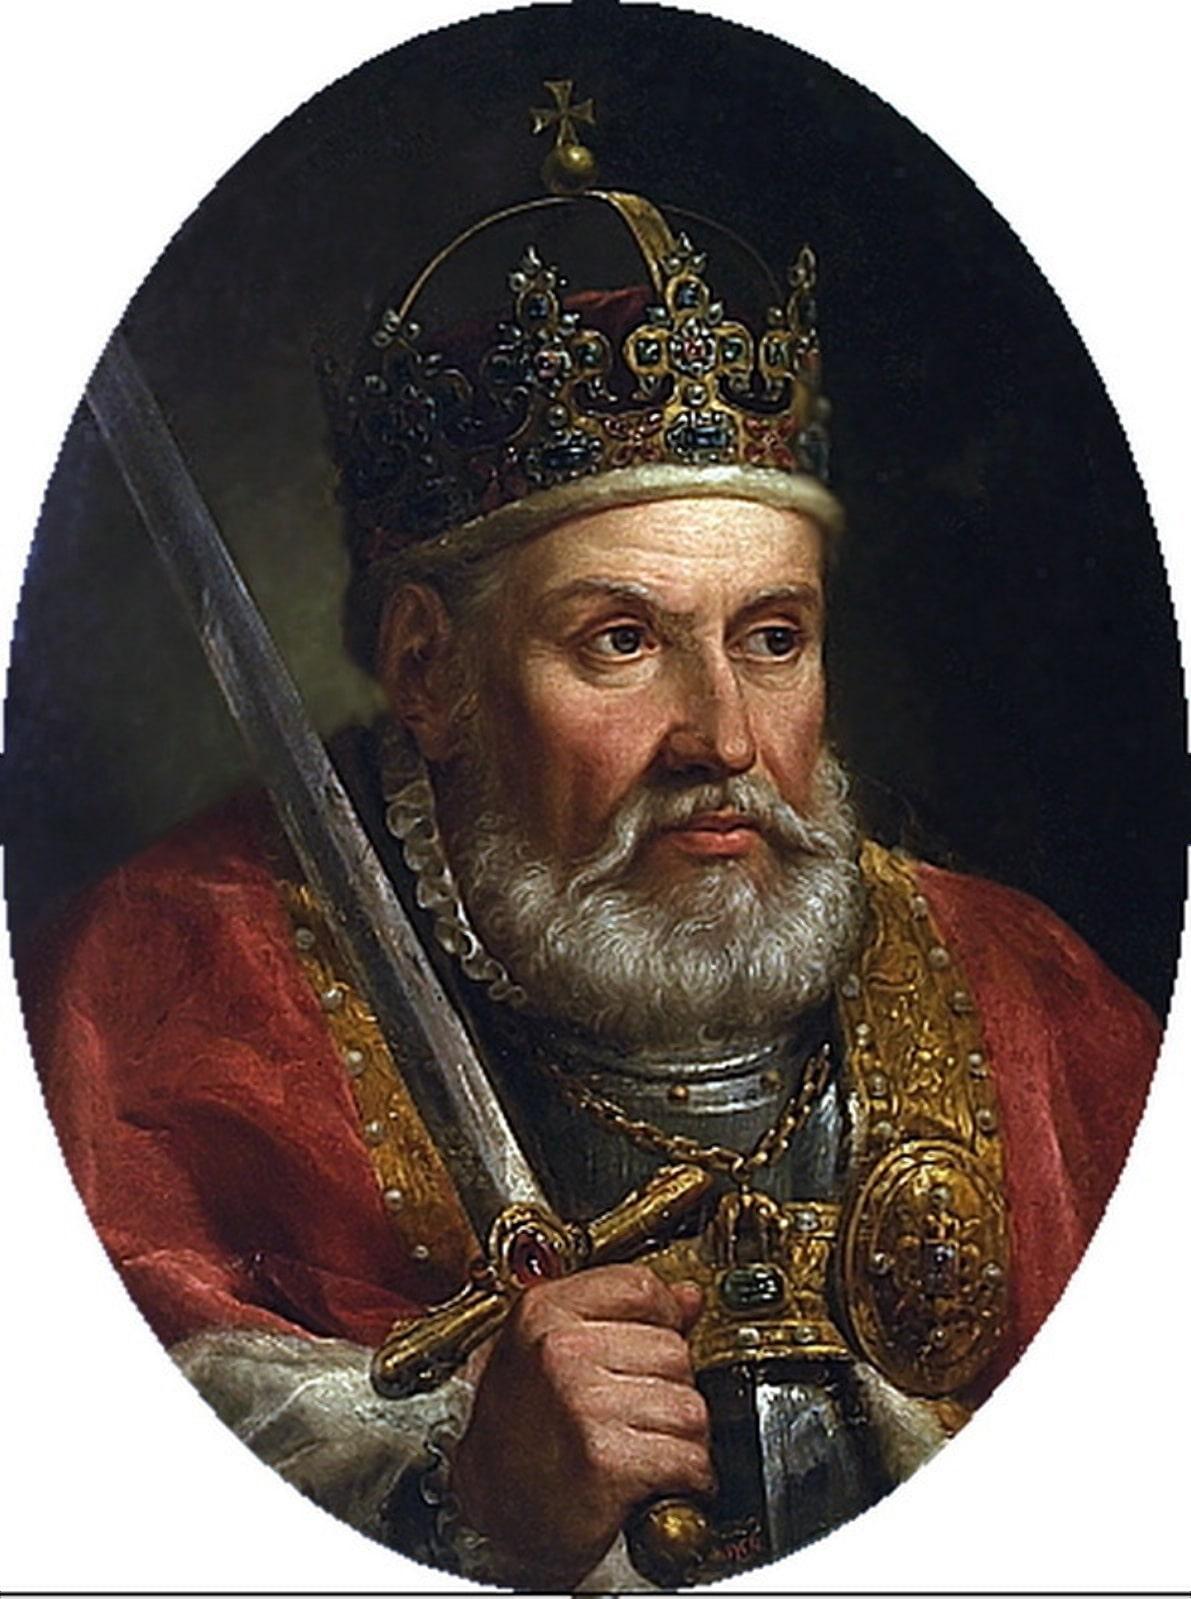 Великий князь Жигимонт долго не реагировал на мятежных князей